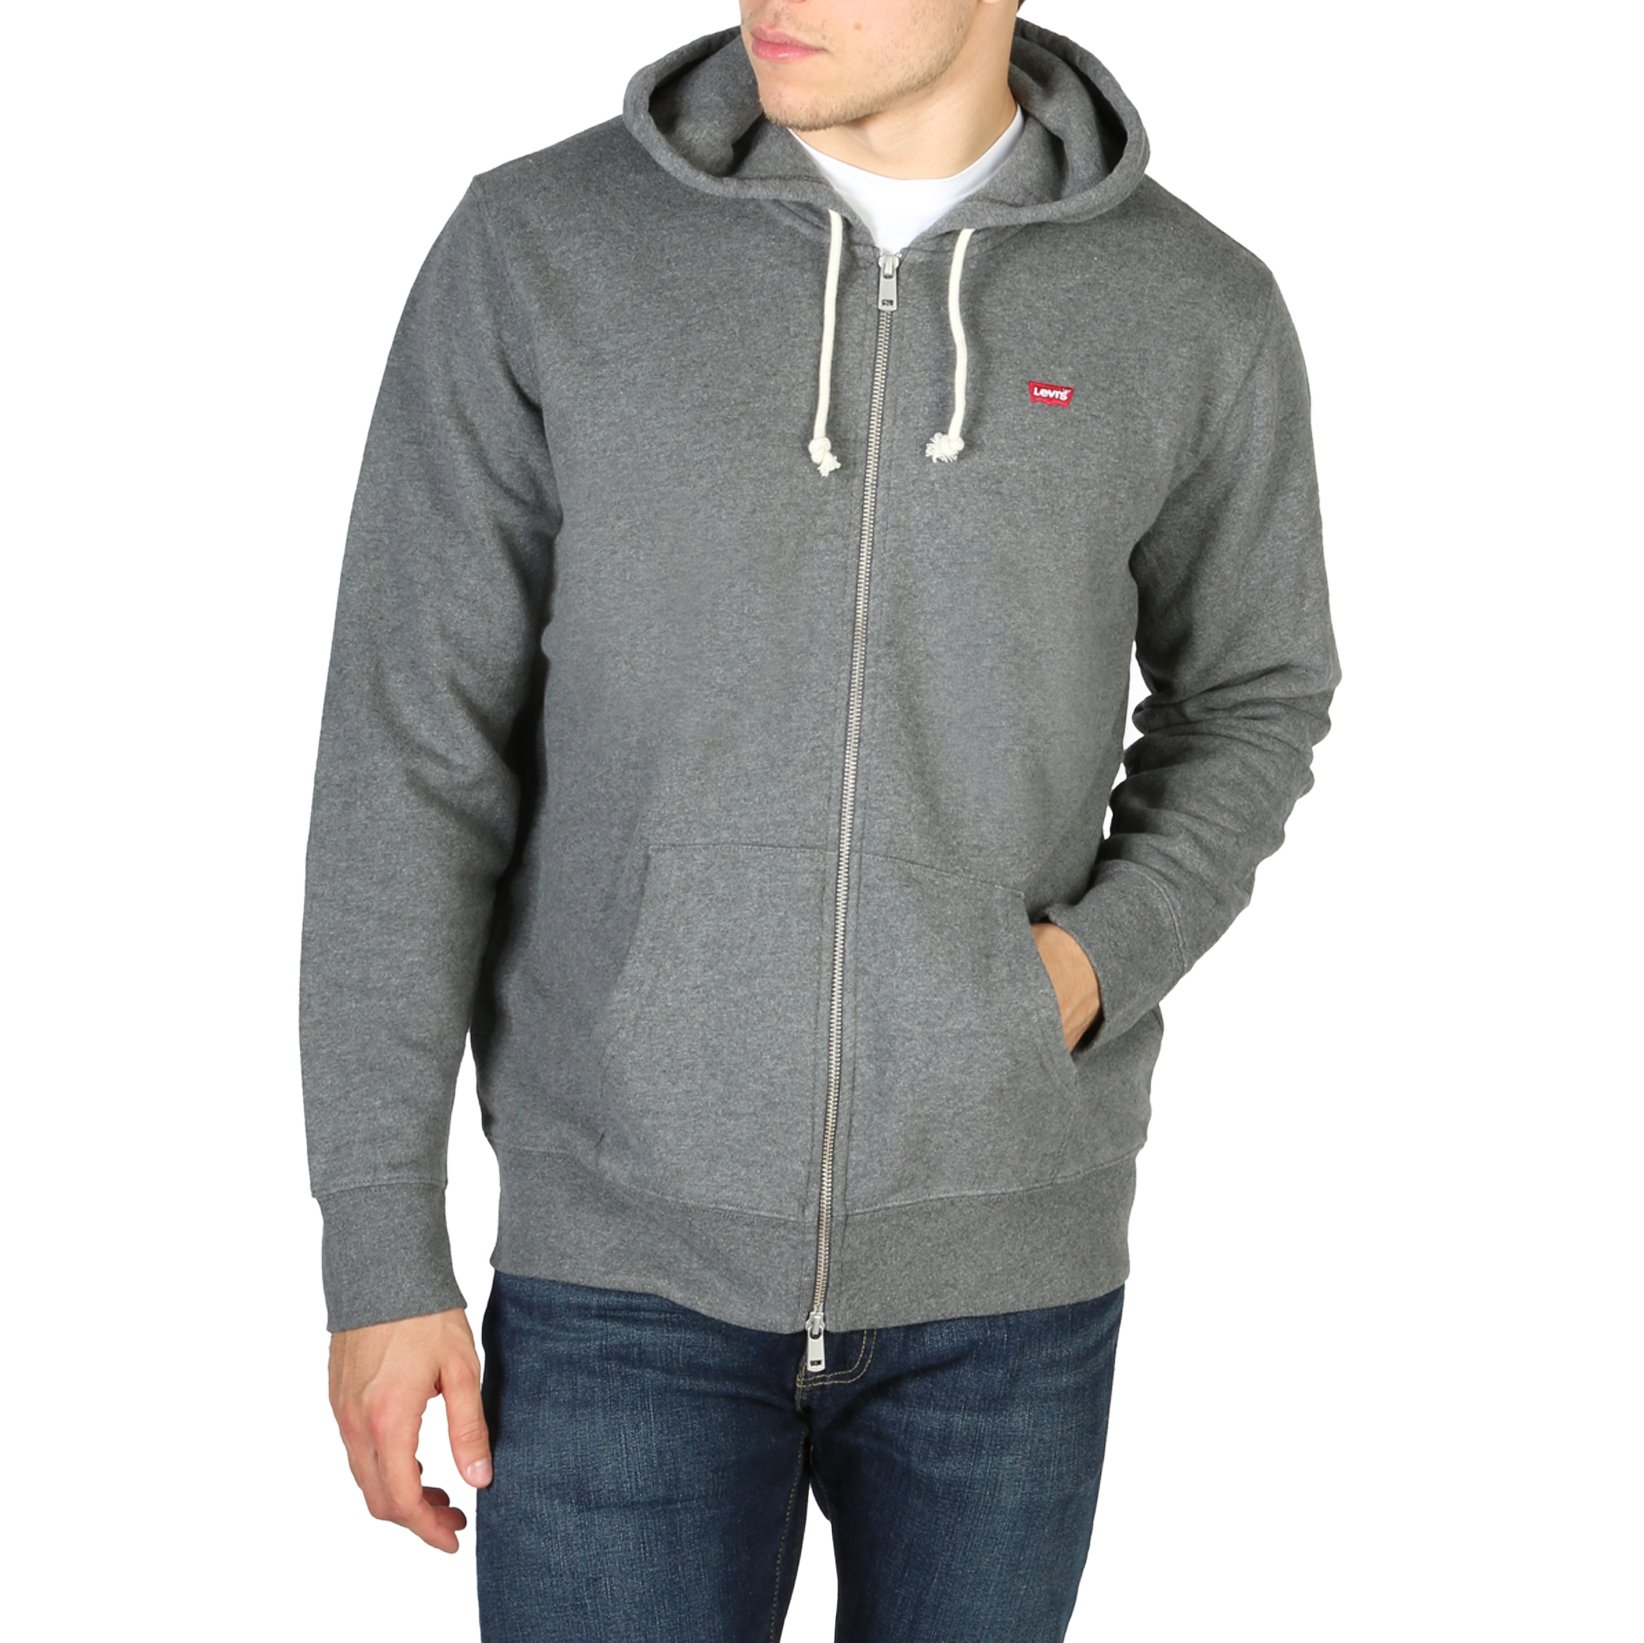 Levis Men's Sweatshirt Blue 34584_NEW-ORIGINAL - grey S